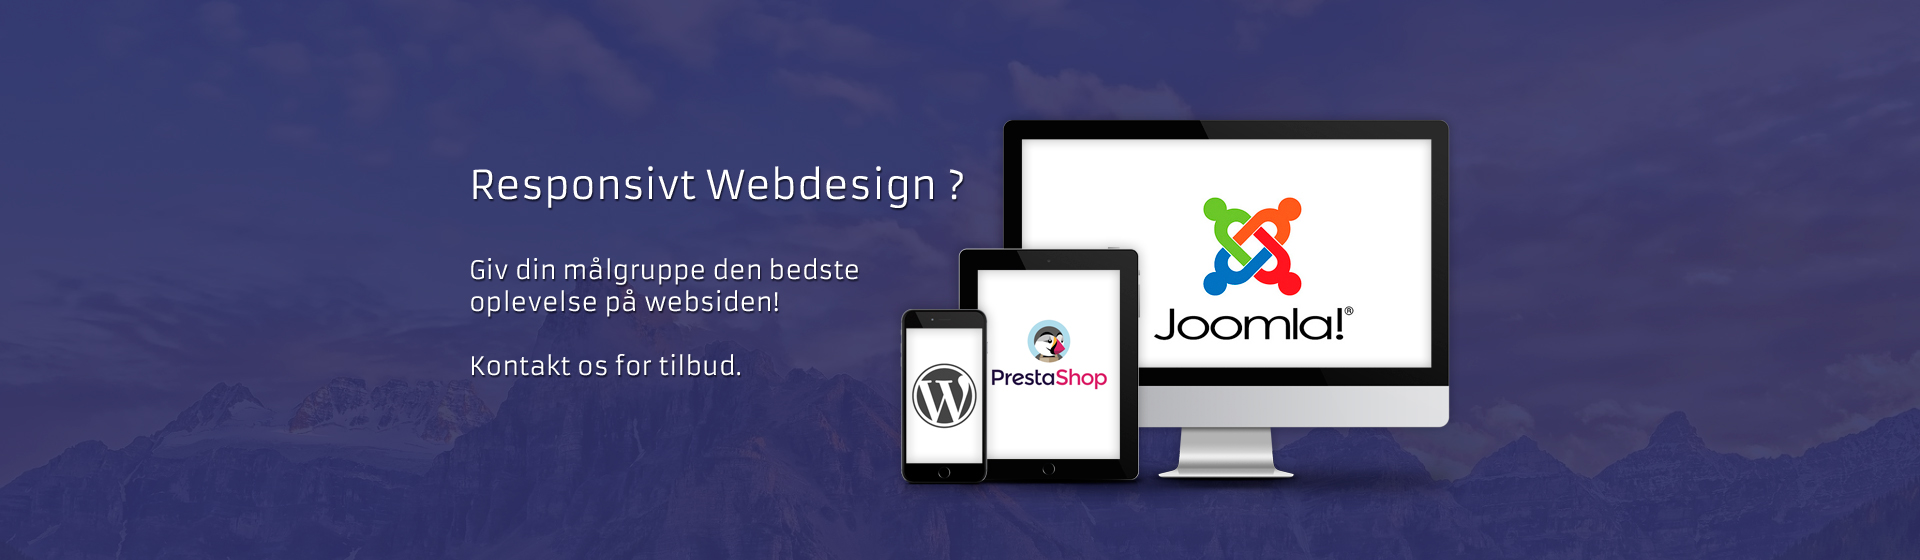 responsvit-design